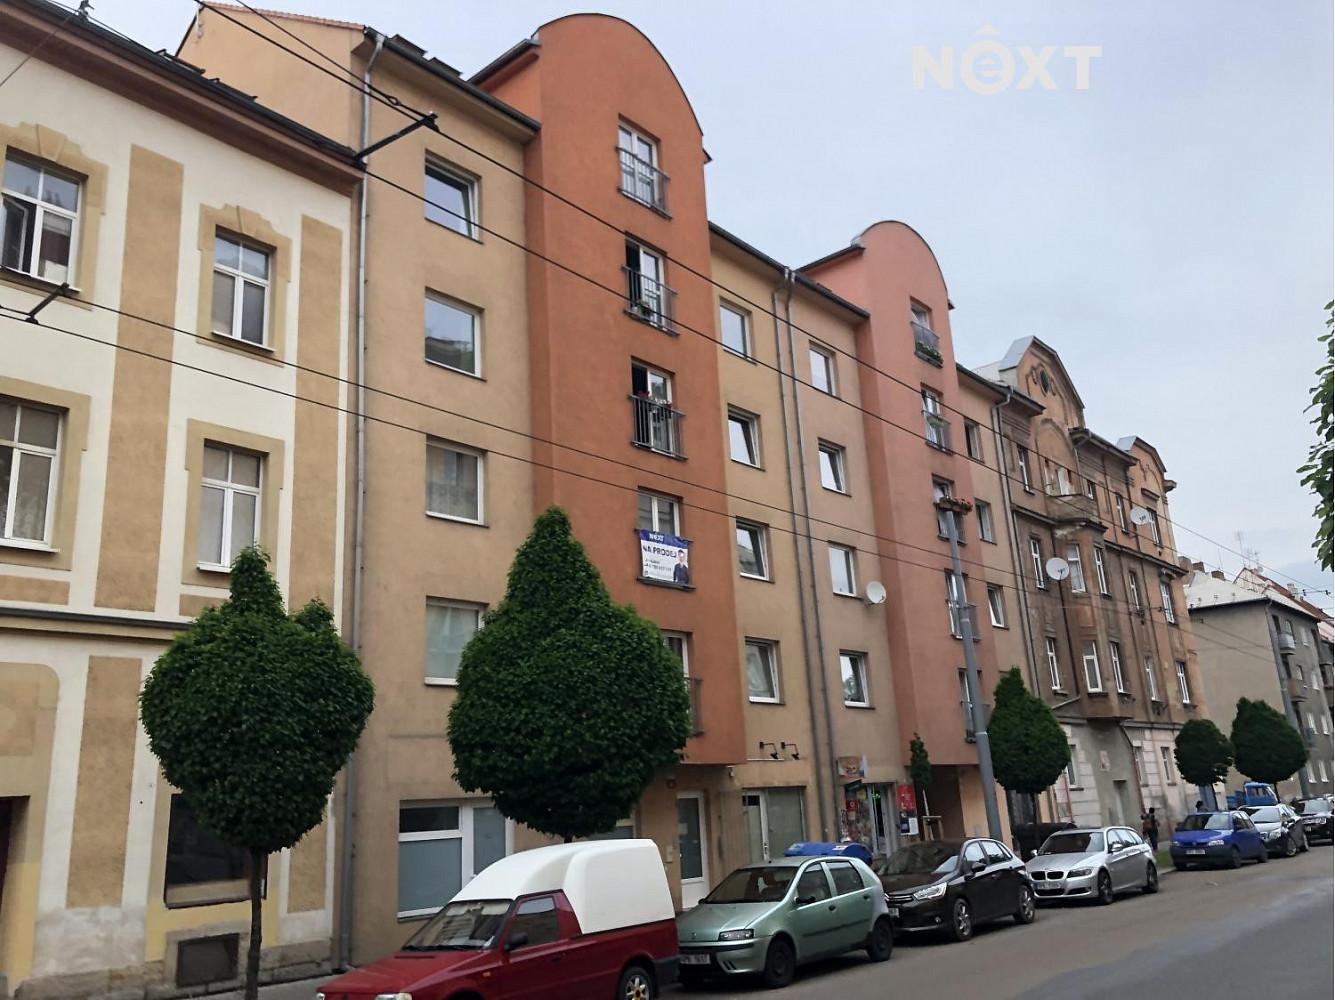 Sladkovského, Plzeň - Východní Předměstí